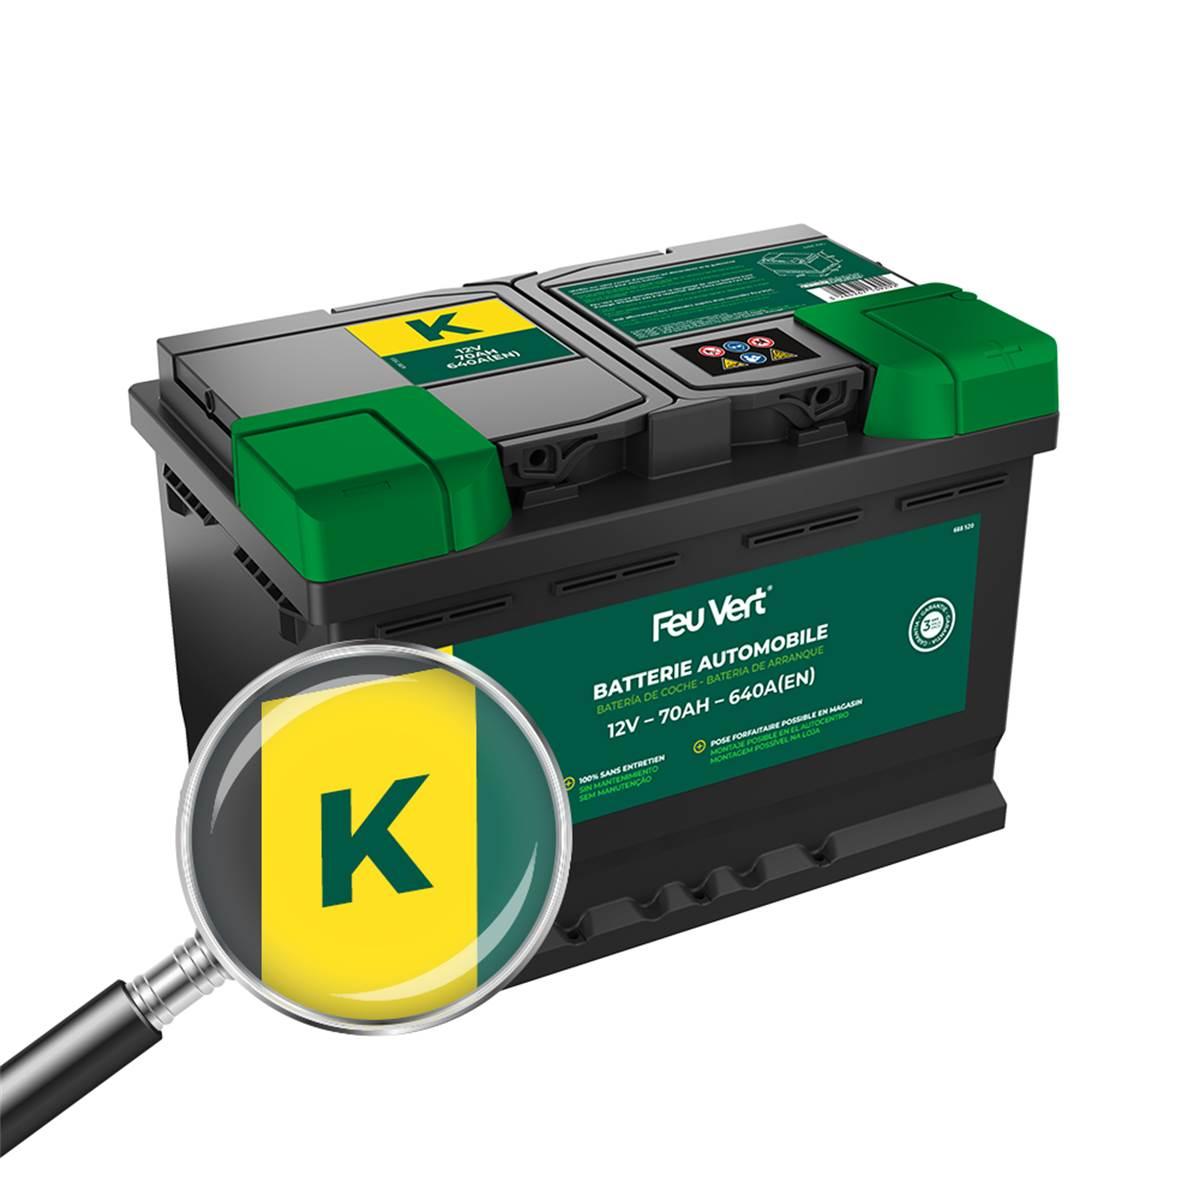 Batterie voiture Feu Vert K - 70Ah / 640A - 12V